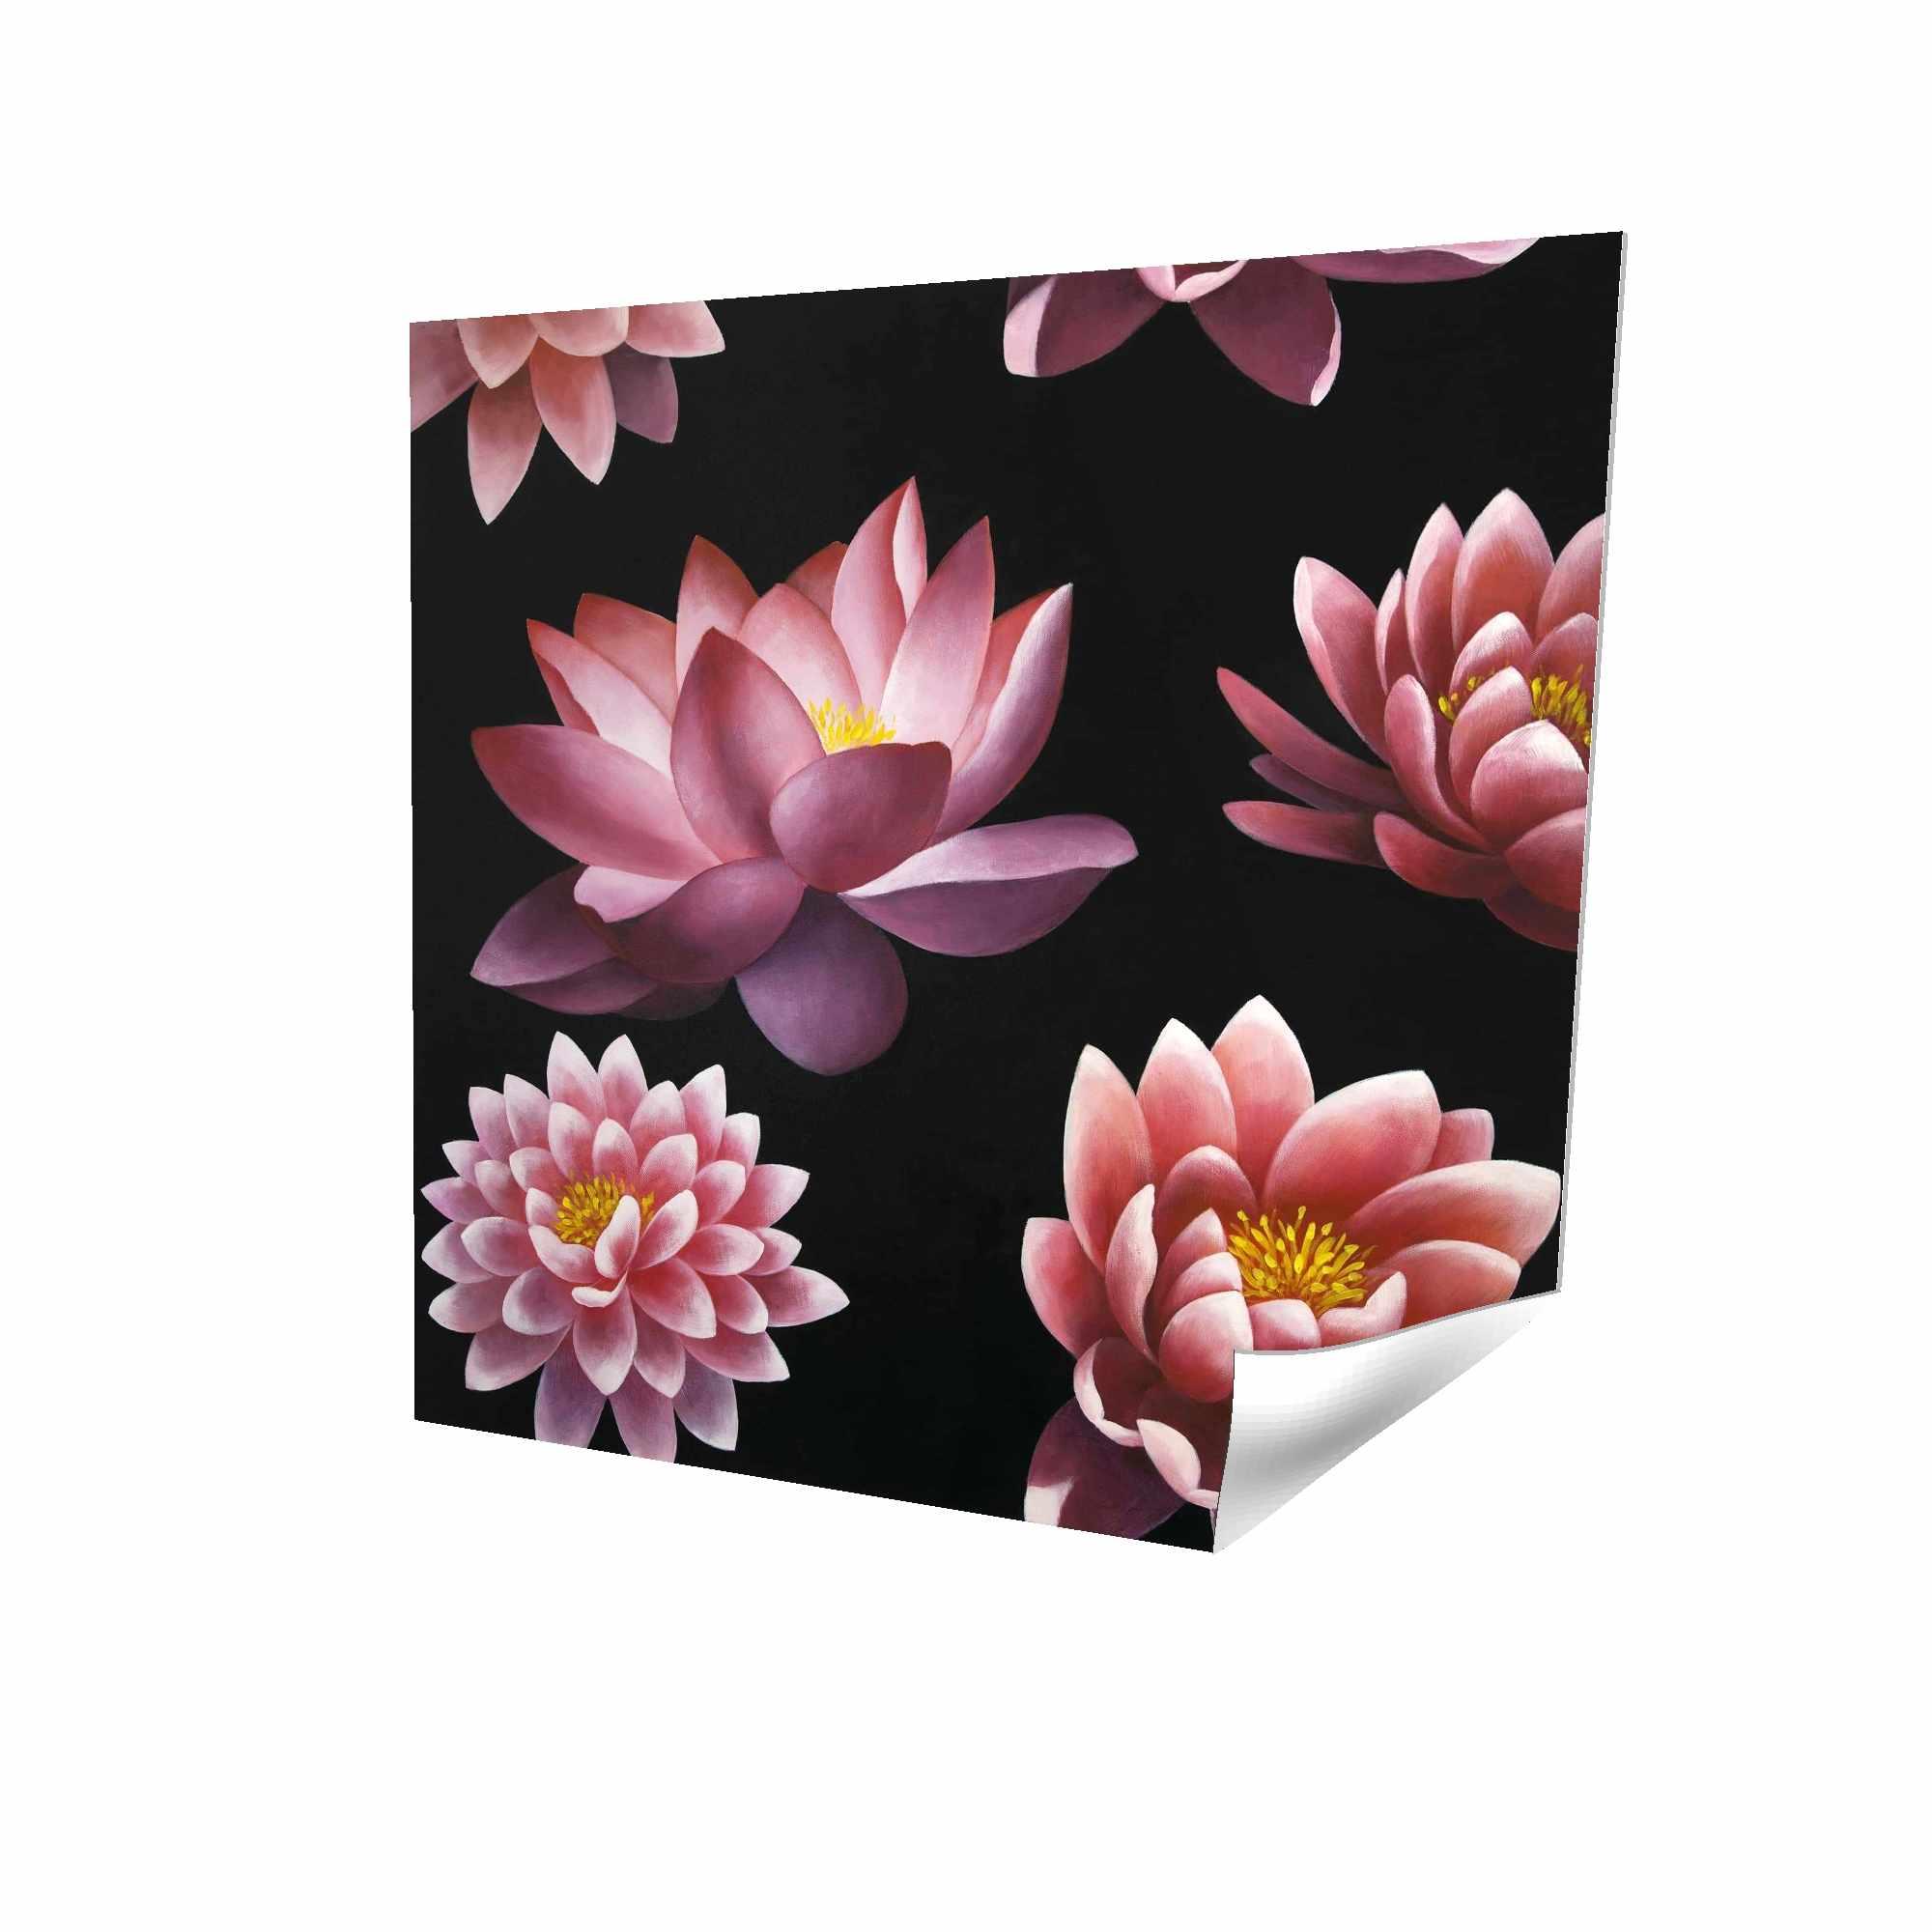 Motif de fleur de lotus